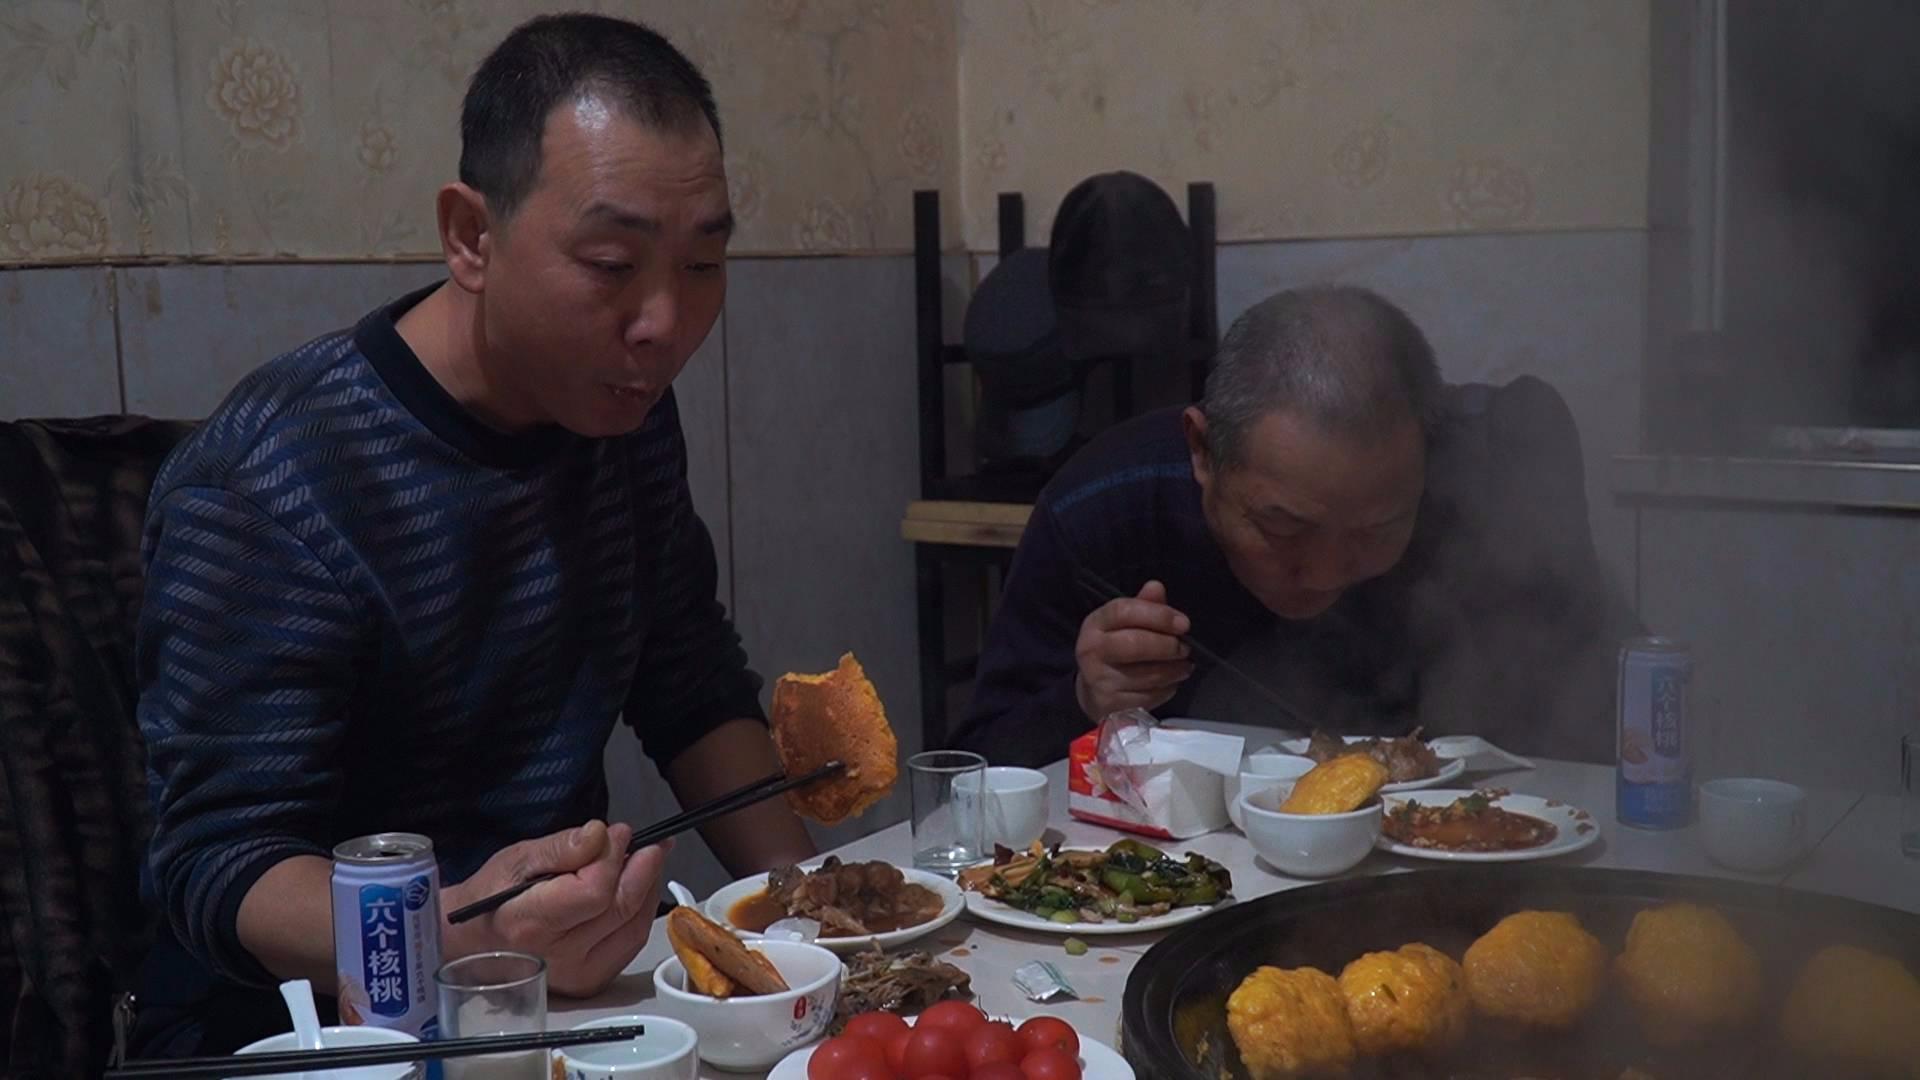 阿远带大伯去吃铁锅炖鱼,五个人吃了289块钱,贴饼子配鱼吃到撑